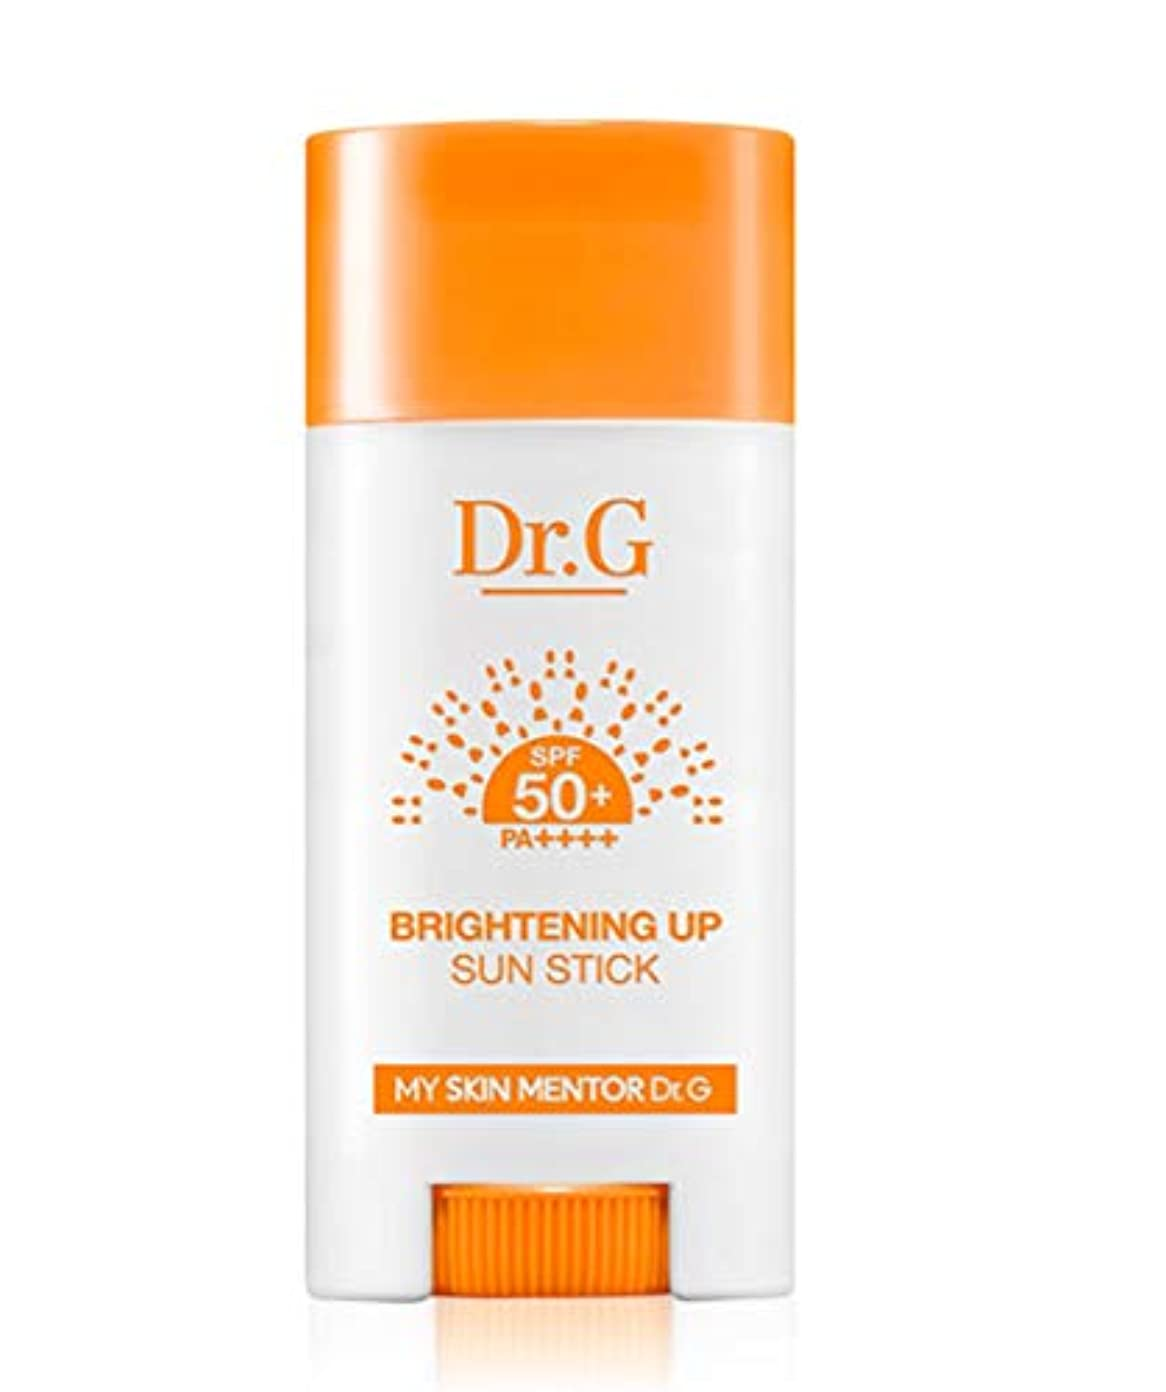 受け継ぐ代表して原始的なDr.G BRIGHTEING UP Sun Stick 15g SPF50+ PA++++ 日焼け止めパーフェクトUVネック?手?足の甲?部分的に塗って修正スティック [並行輸入品]